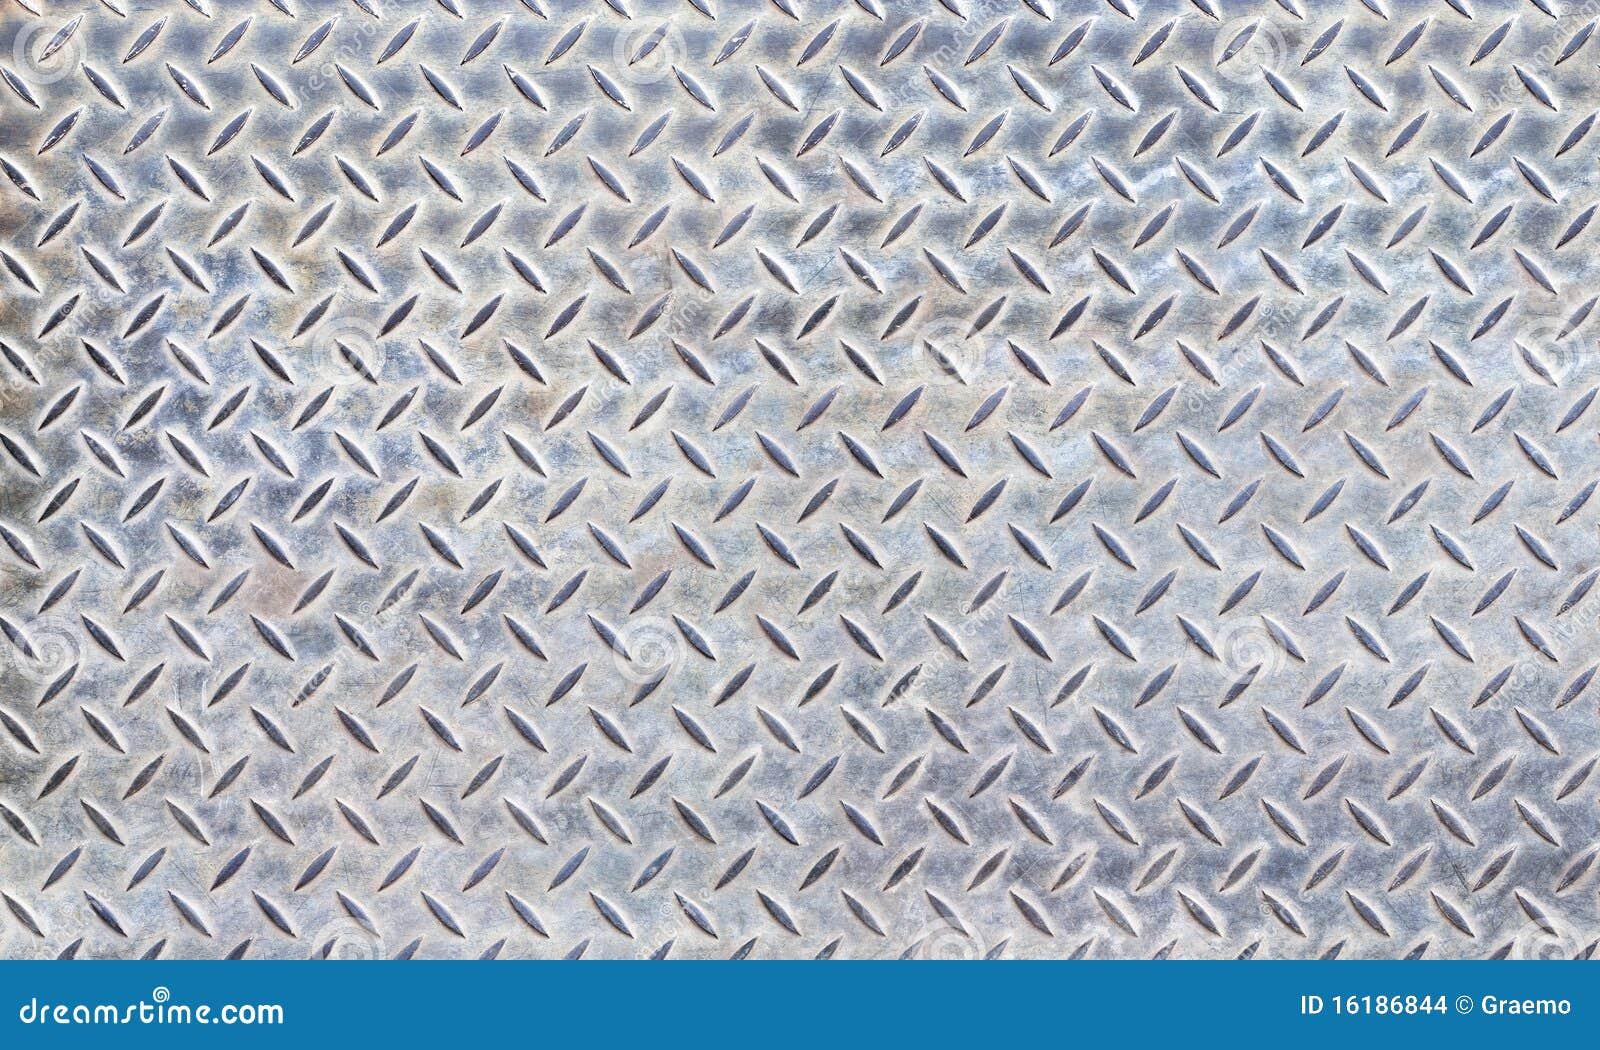 Textura de la placa de acero del diamante imagenes de for Placa de acero